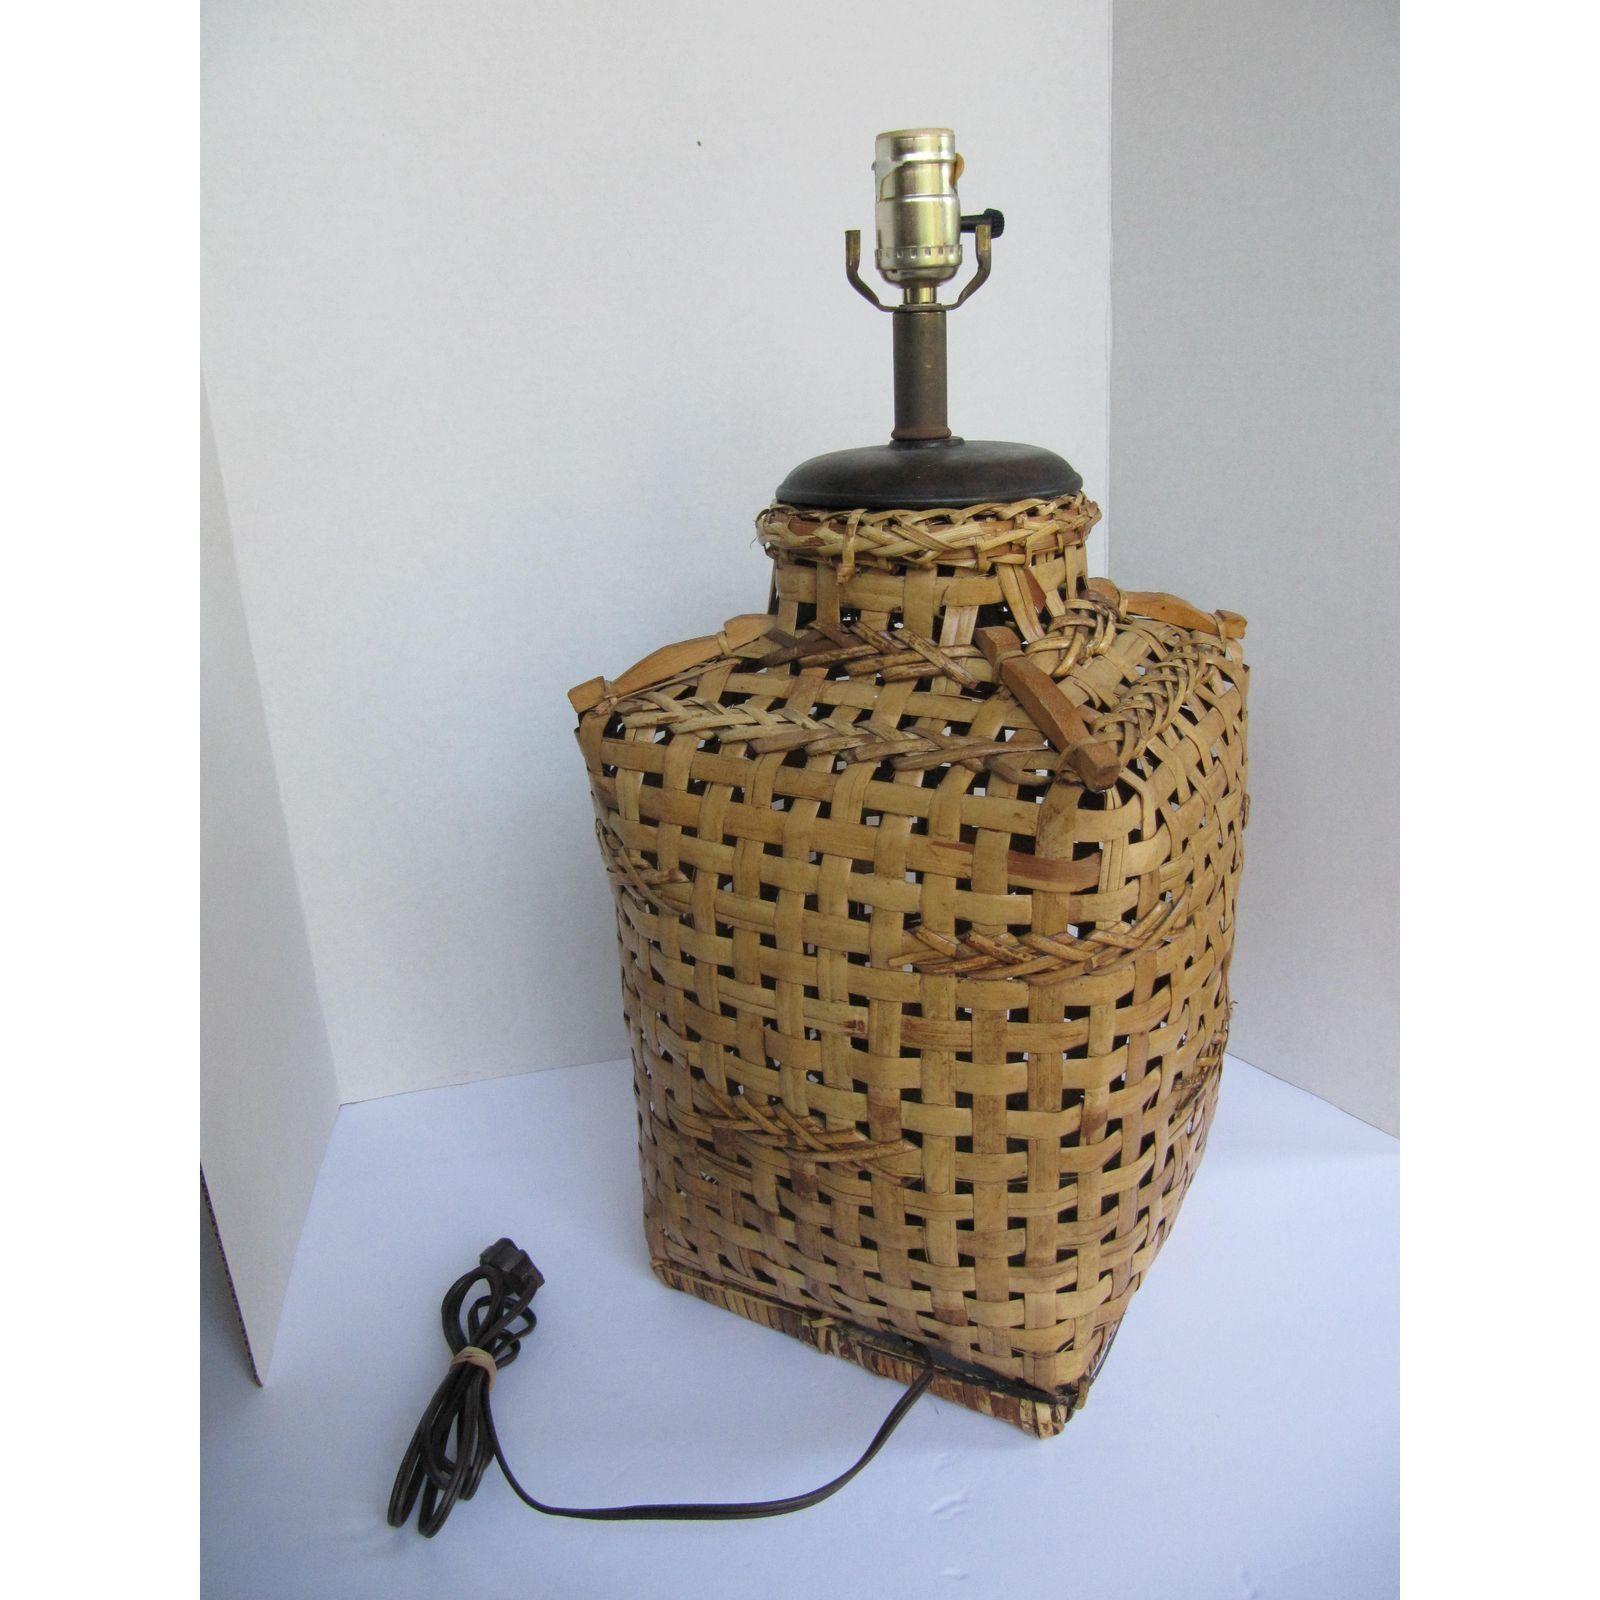 Image of Vintage Asian Rattan Basket Lamp | Lamp, Rattan ...